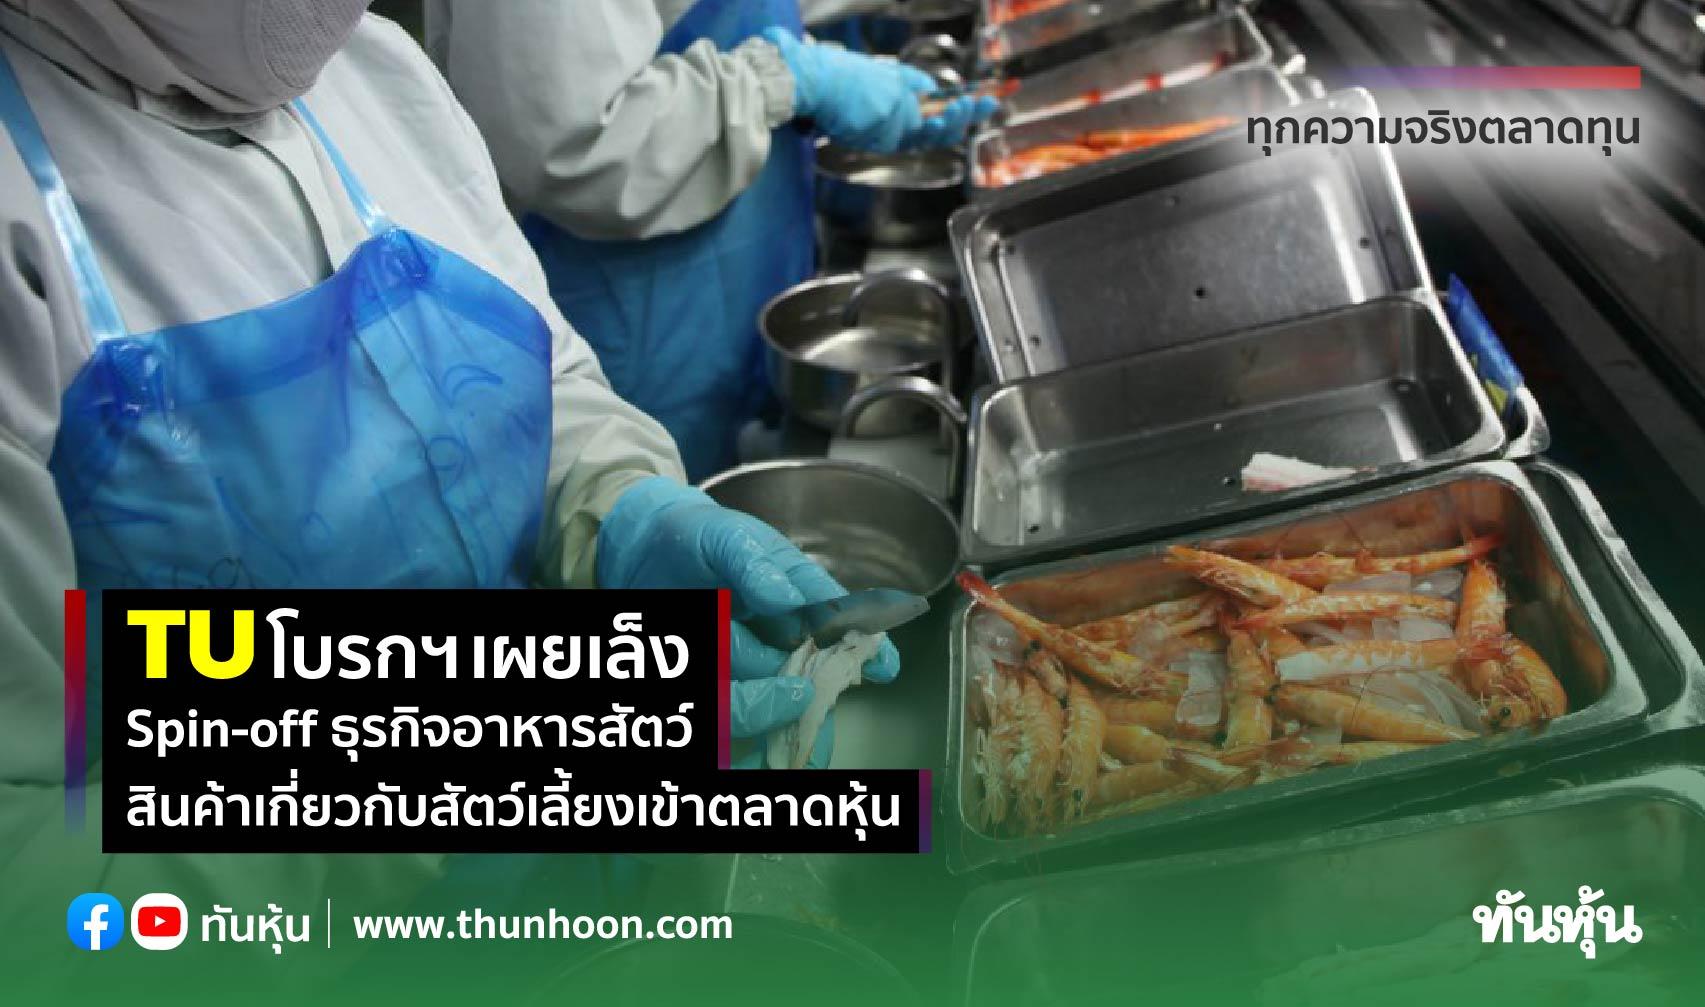 TU โบรกฯ เผยเล็ง Spin-off ธุรกิจอาหารสัตว์-สินค้าเกียวกับสัตว์เลี้ยงเข้าตลาดหุ้น